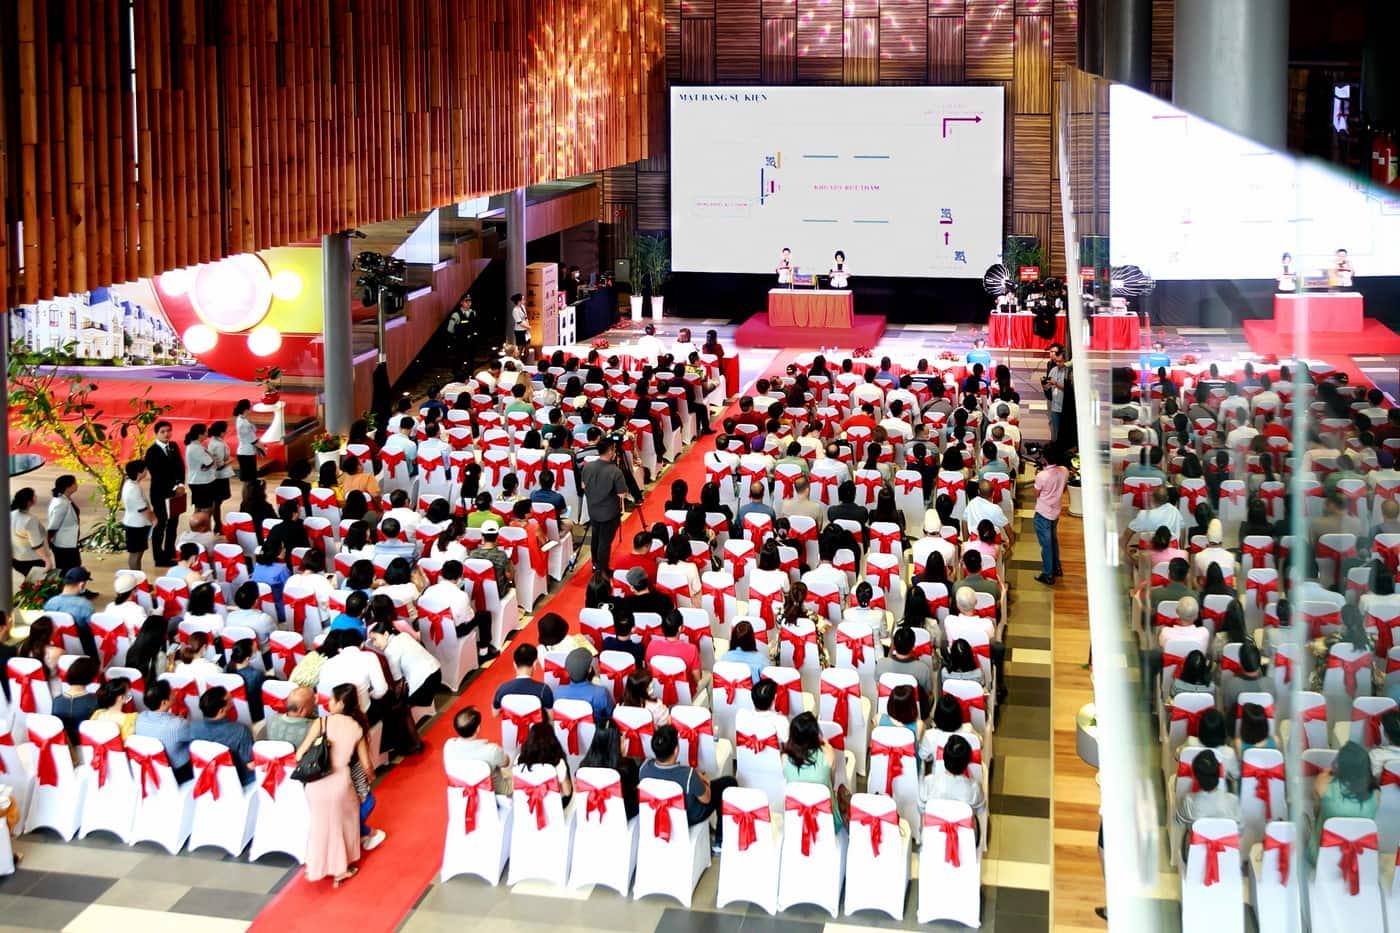 Hơn 200 khách hàng đã đến tham dự sự kiện công bố. Chỉ khách hàng có thư mời chính thức từ Phú Mỹ Hưng mới được check – in vào sự kiện.